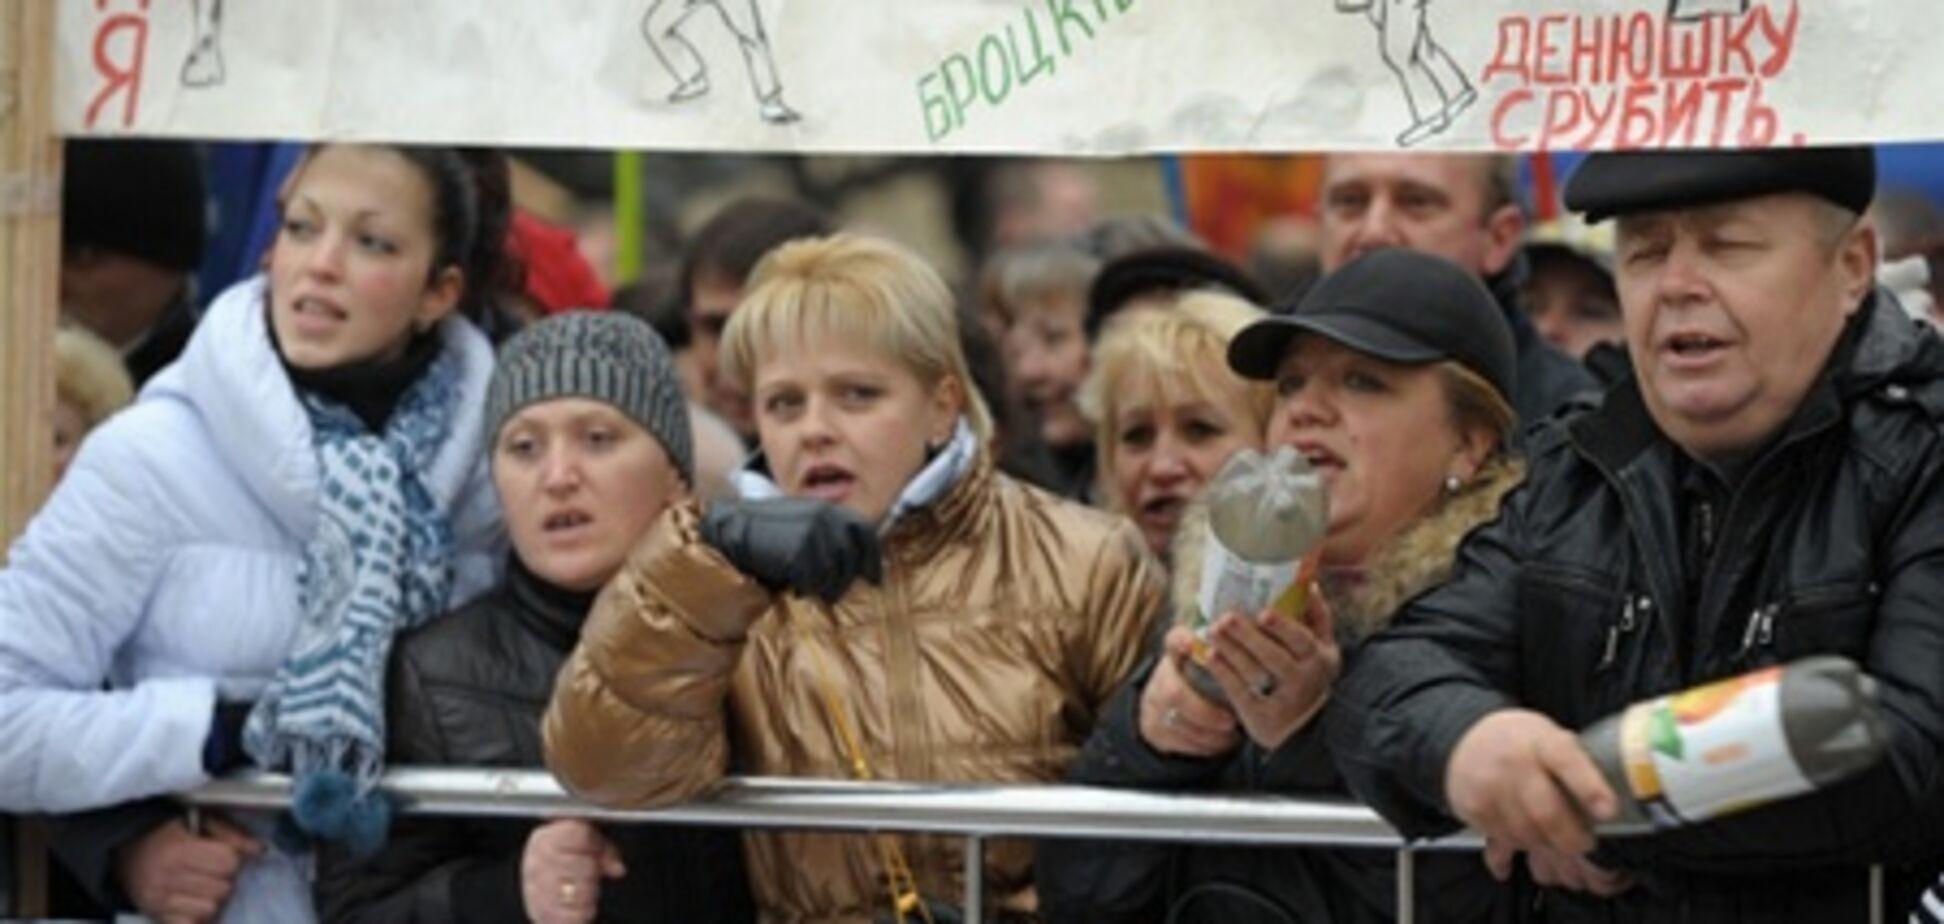 В 2011 году украинцы выходили на протесты 60 000 раз - МВД